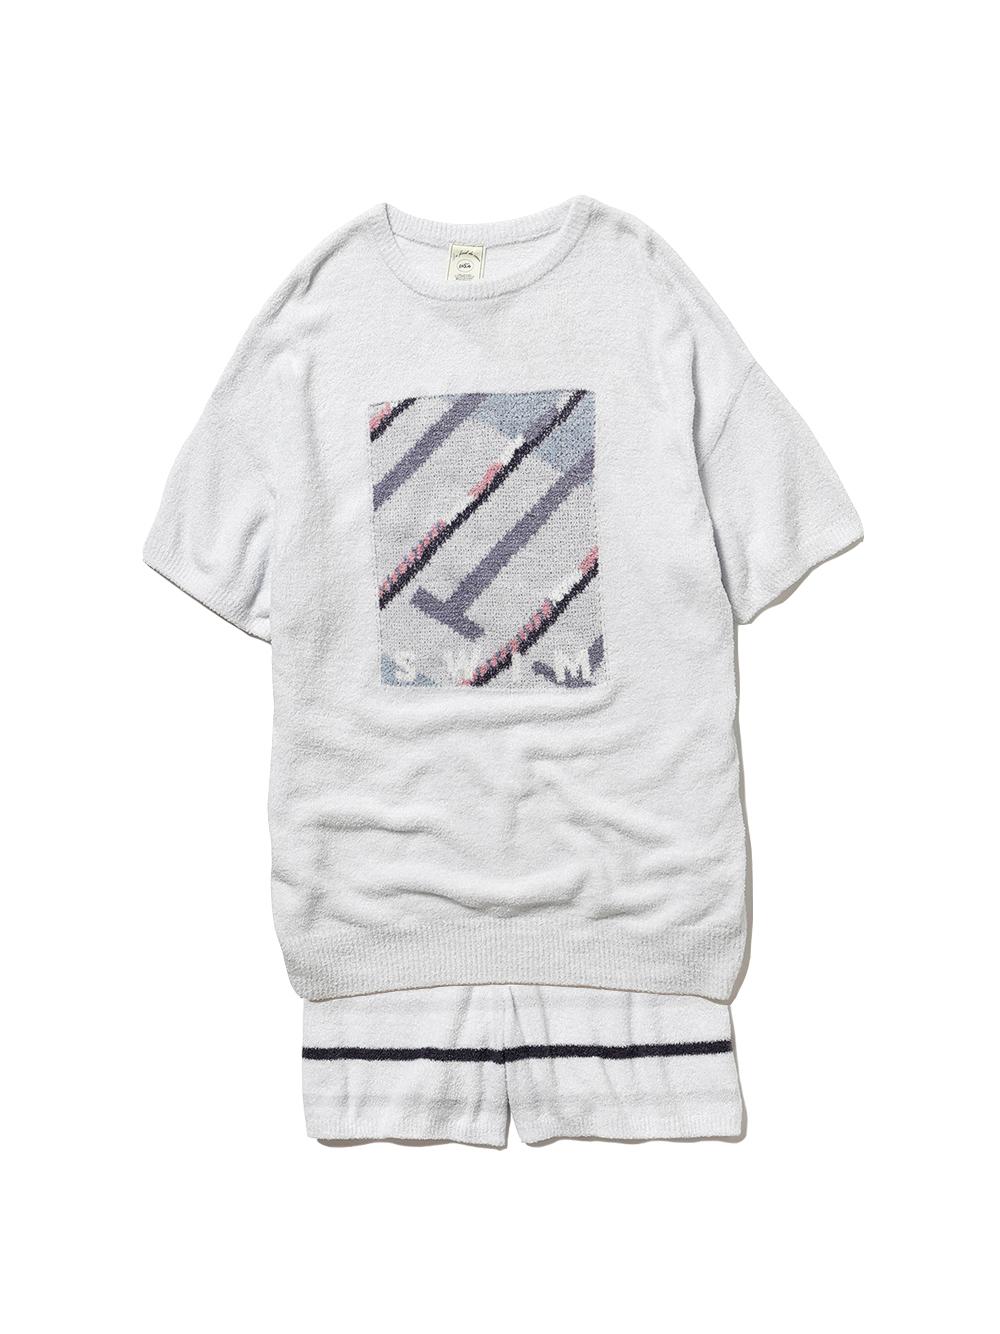 【ラッピング】スムーズィスポーツモチーフジャガードプルオーバー&ショートパンツ(BLU-F)